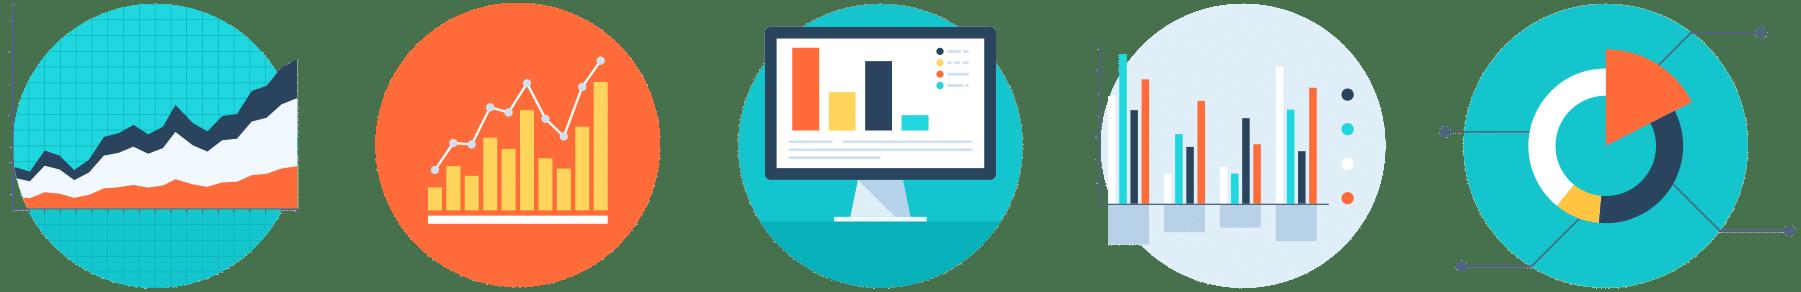 Mesurer la perfomance et l'audience de site